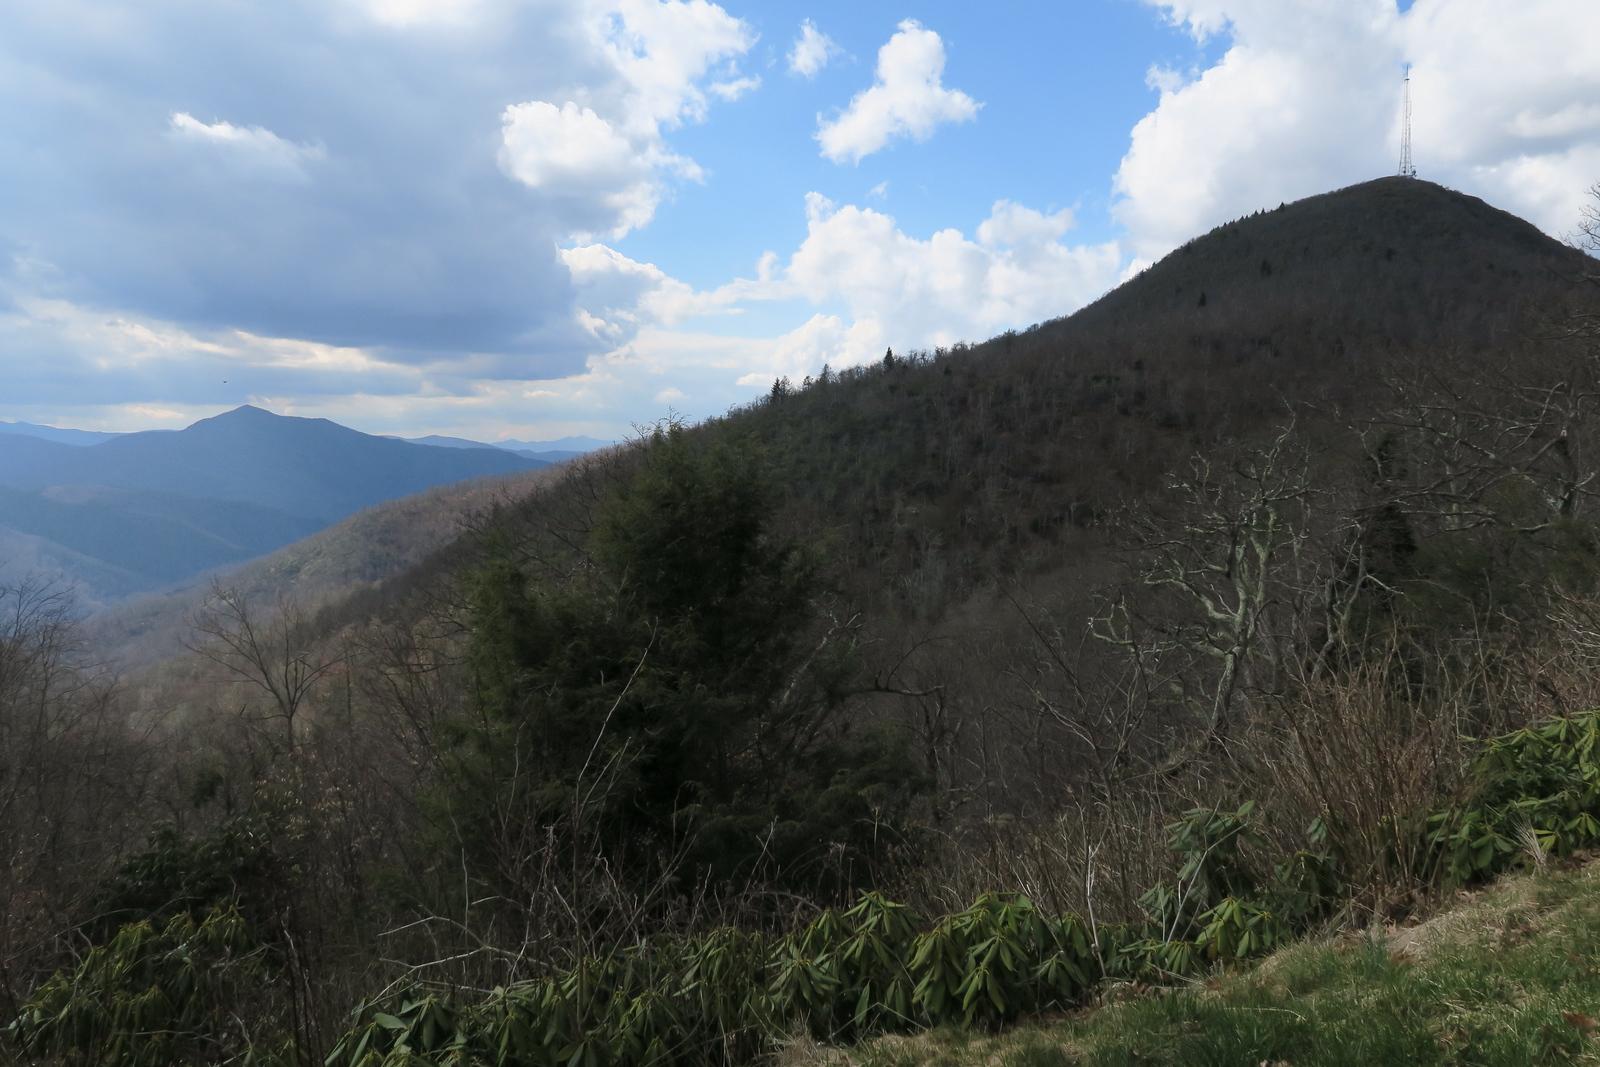 Mount Pisgah - 5,721'